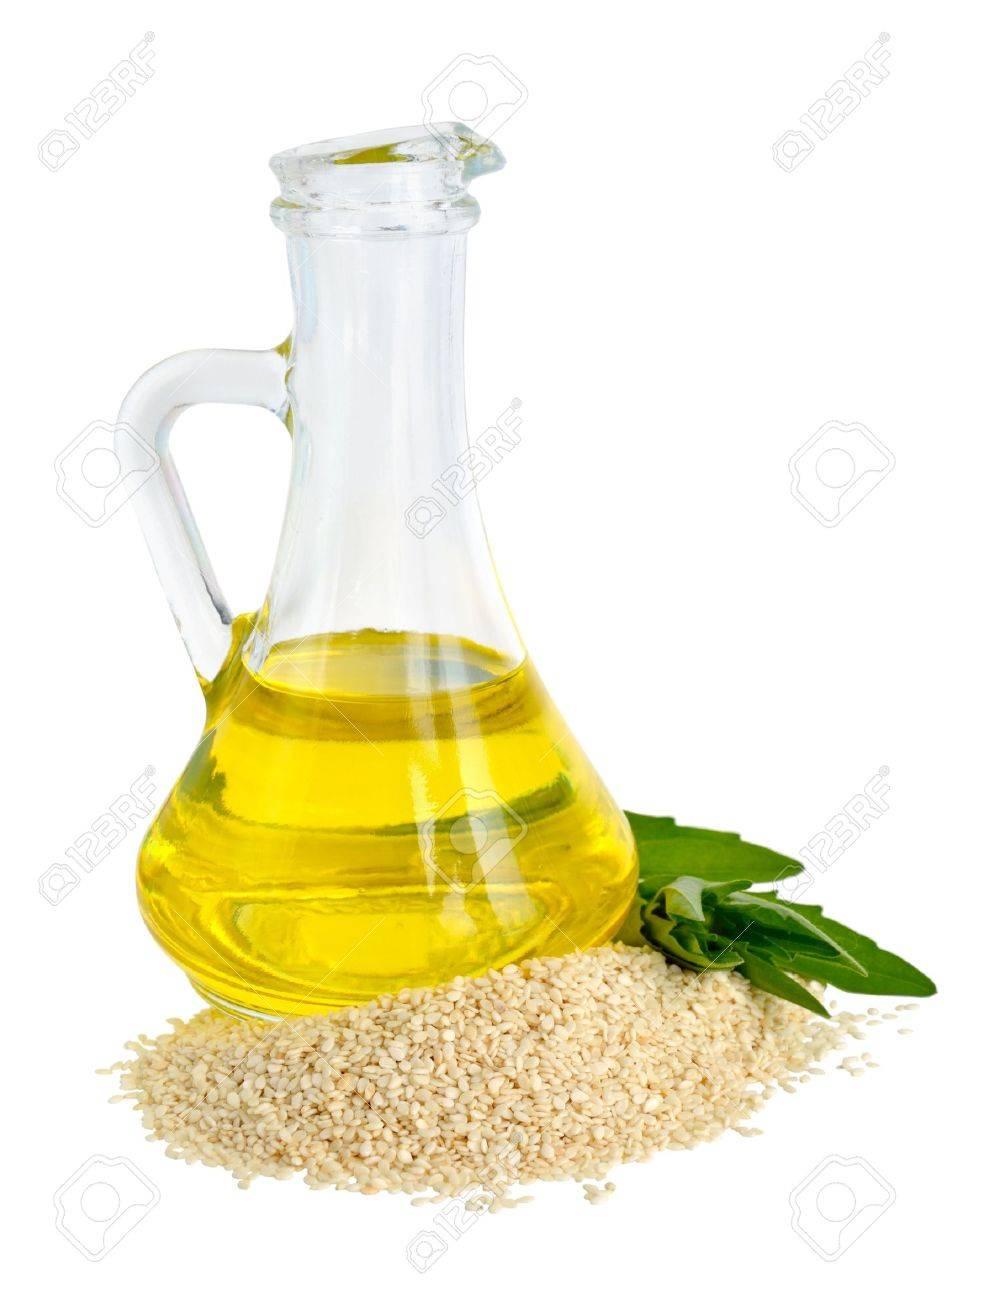 Sesame oil oil in a glass jug. - 21874989